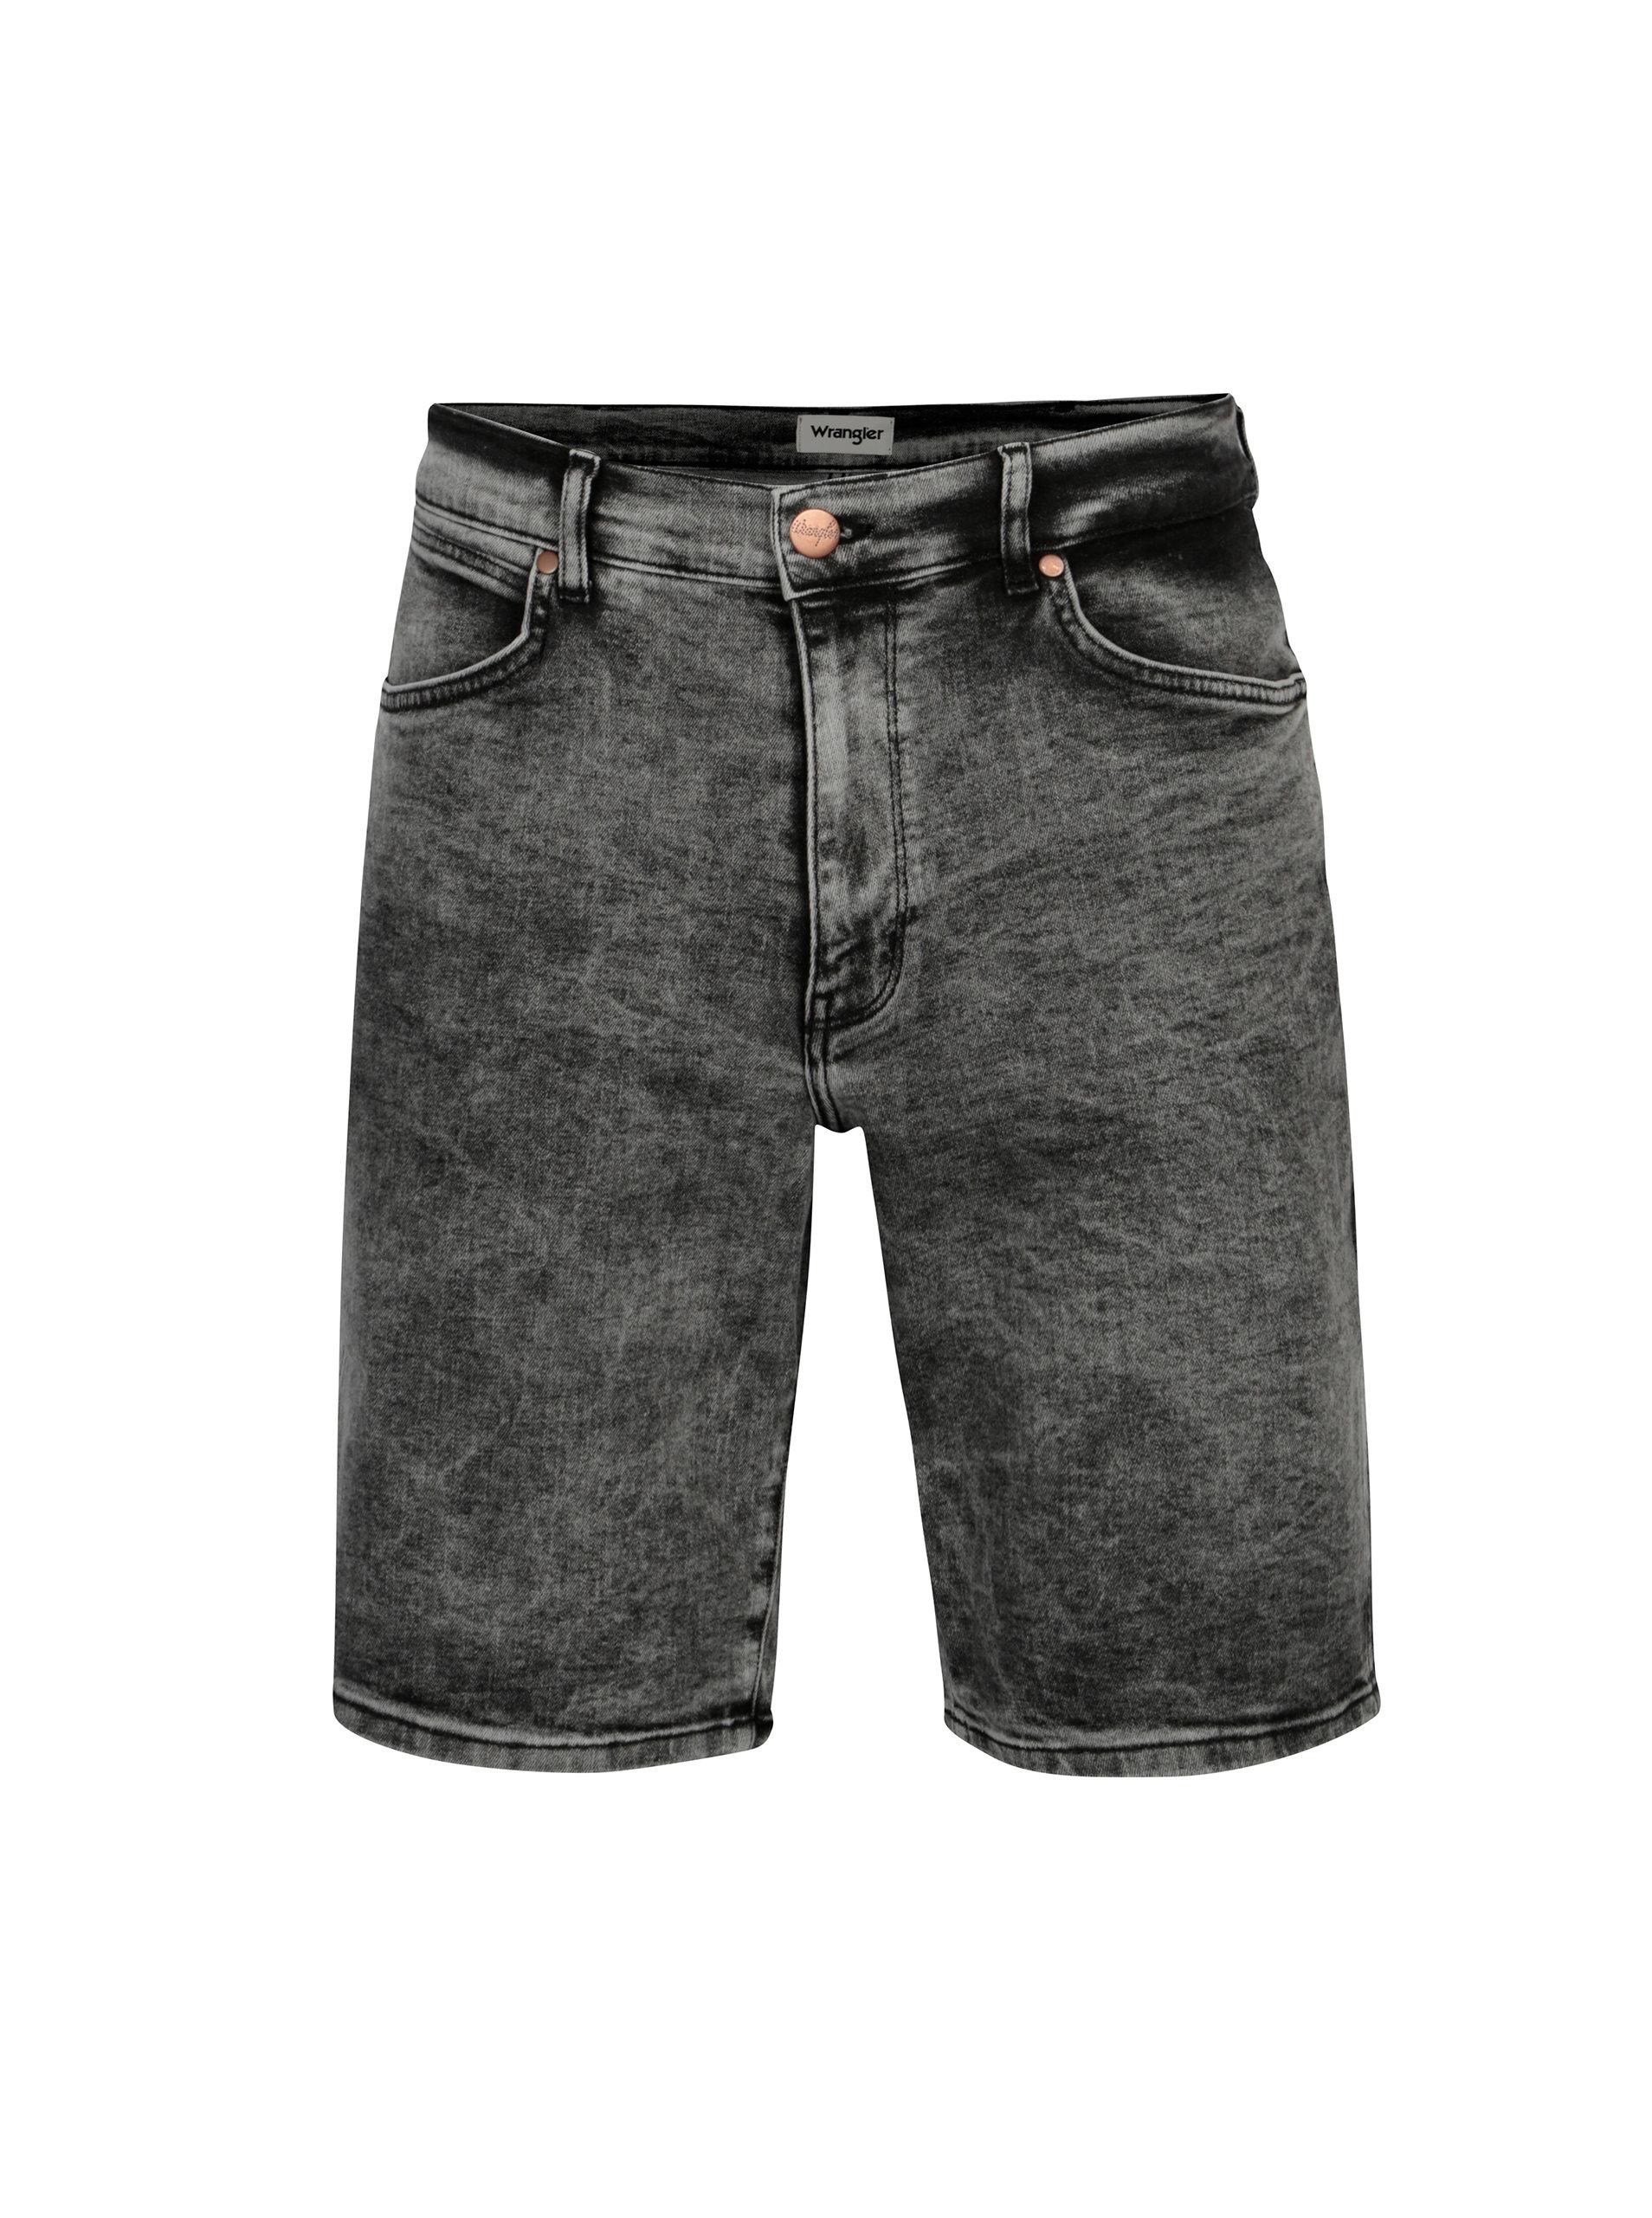 Tmavě šedé pánské džínové kraťasy Wrangler ... e19a507f29